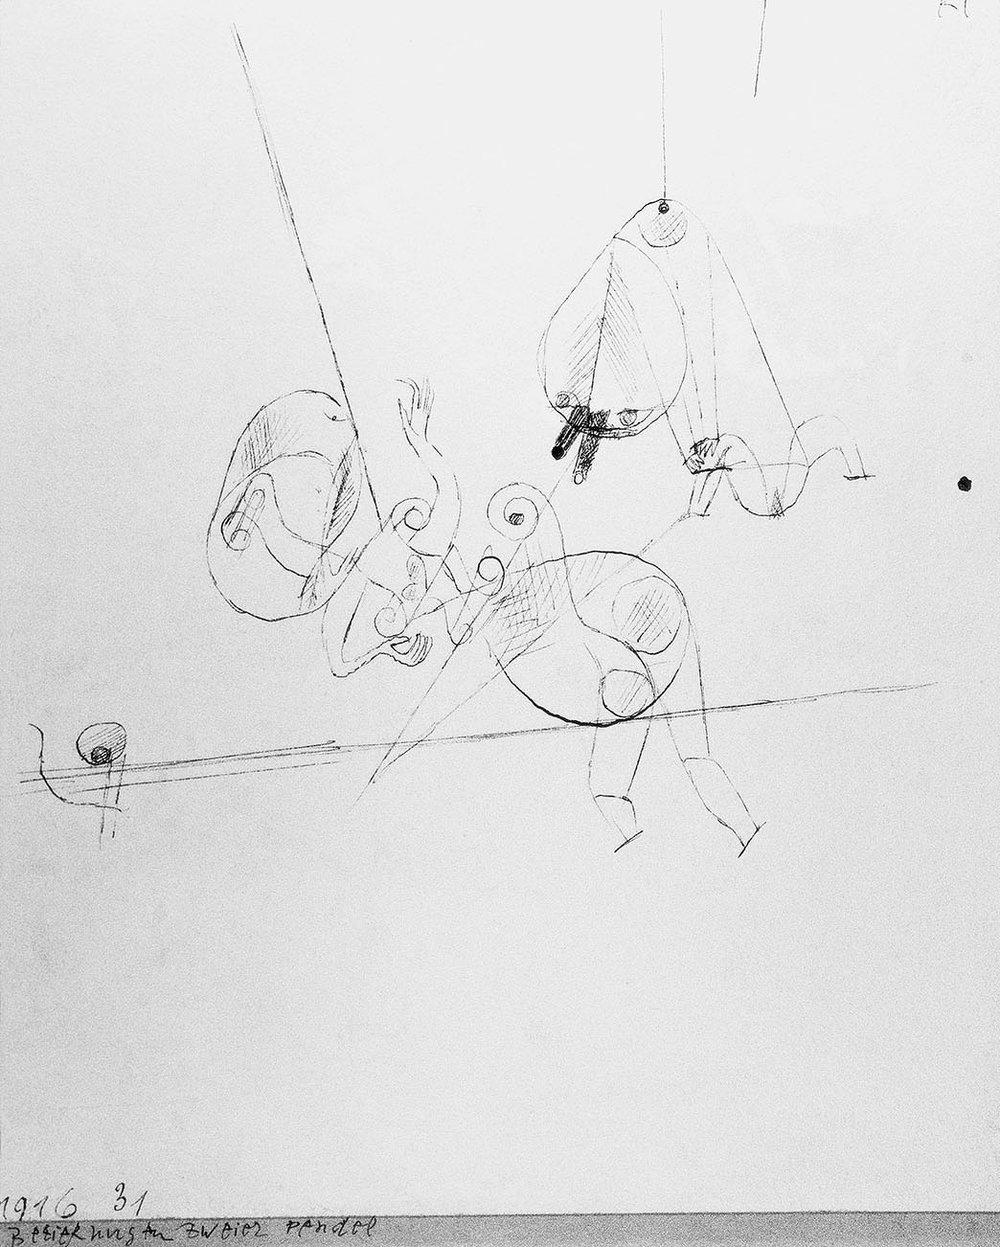 Abb.45 Paul Klee, Beziehungen zweier Pendel, 1916, 31 , Feder auf Papier auf Karton , 19,1 x 15,5 cm , Galleria Sacchetti, Ascona © Zentrum Paul Klee, Bern, Archiv